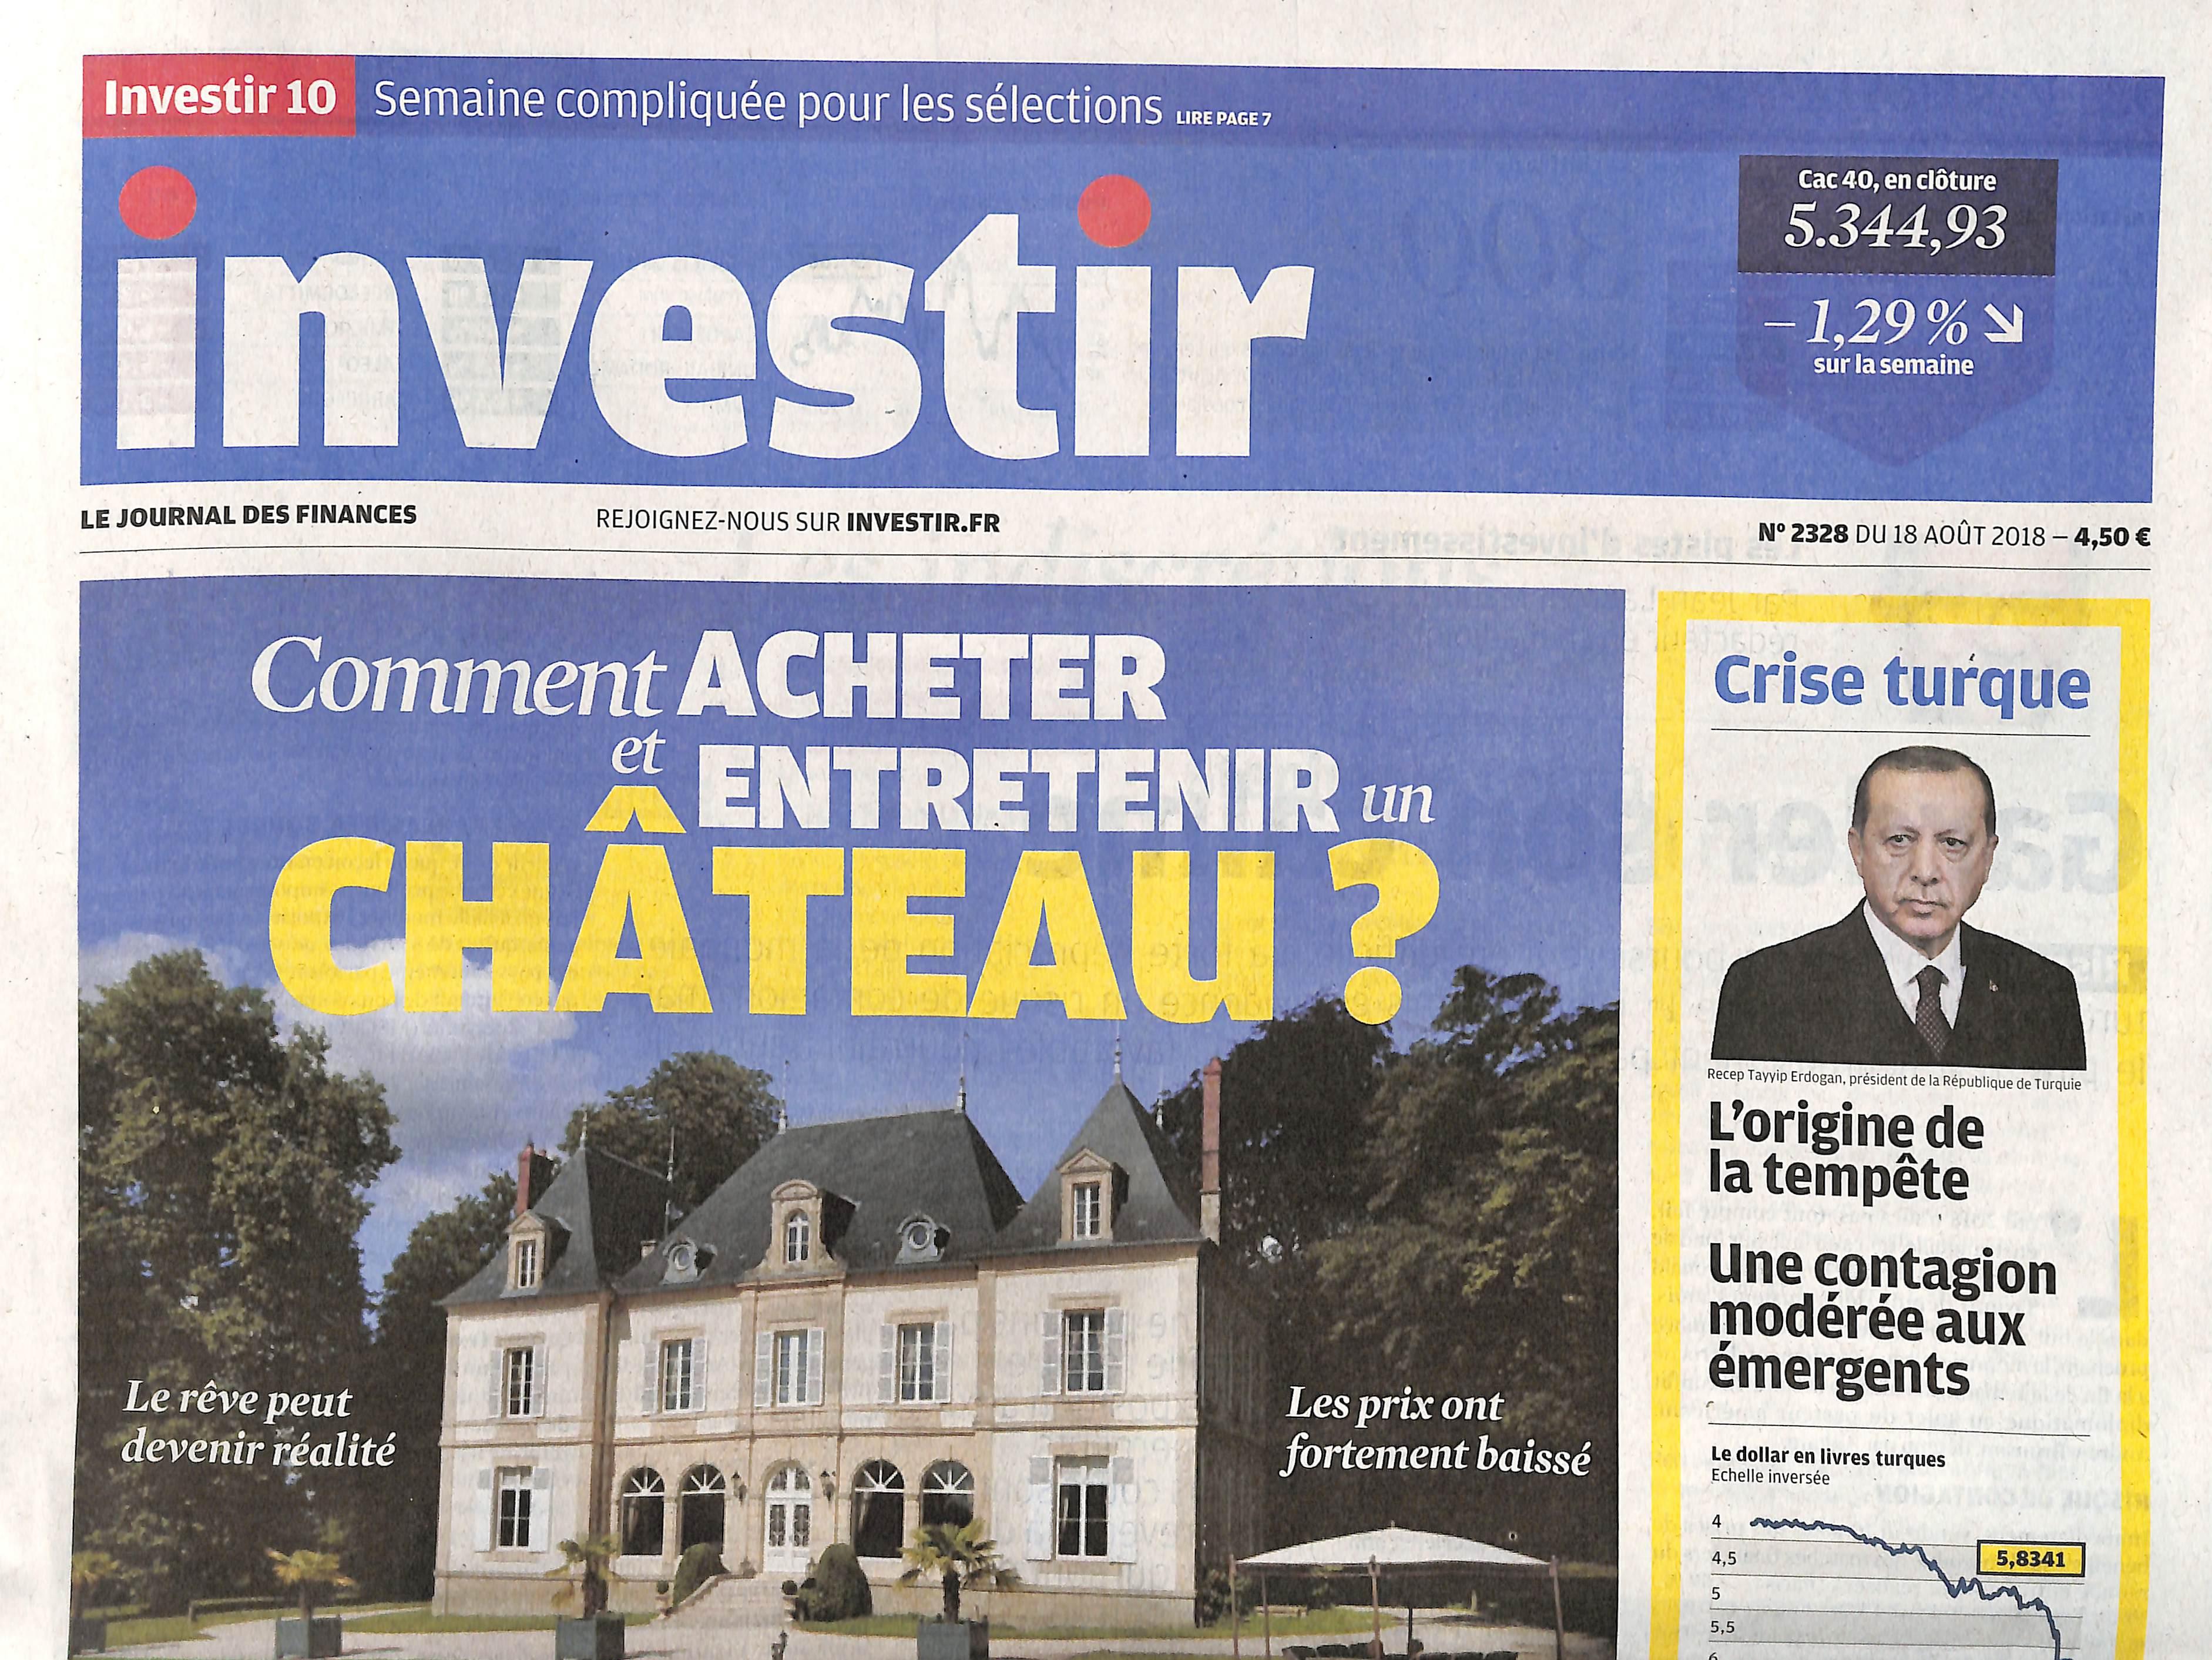 Investir - Le journal des finances N° 2328 August 2018